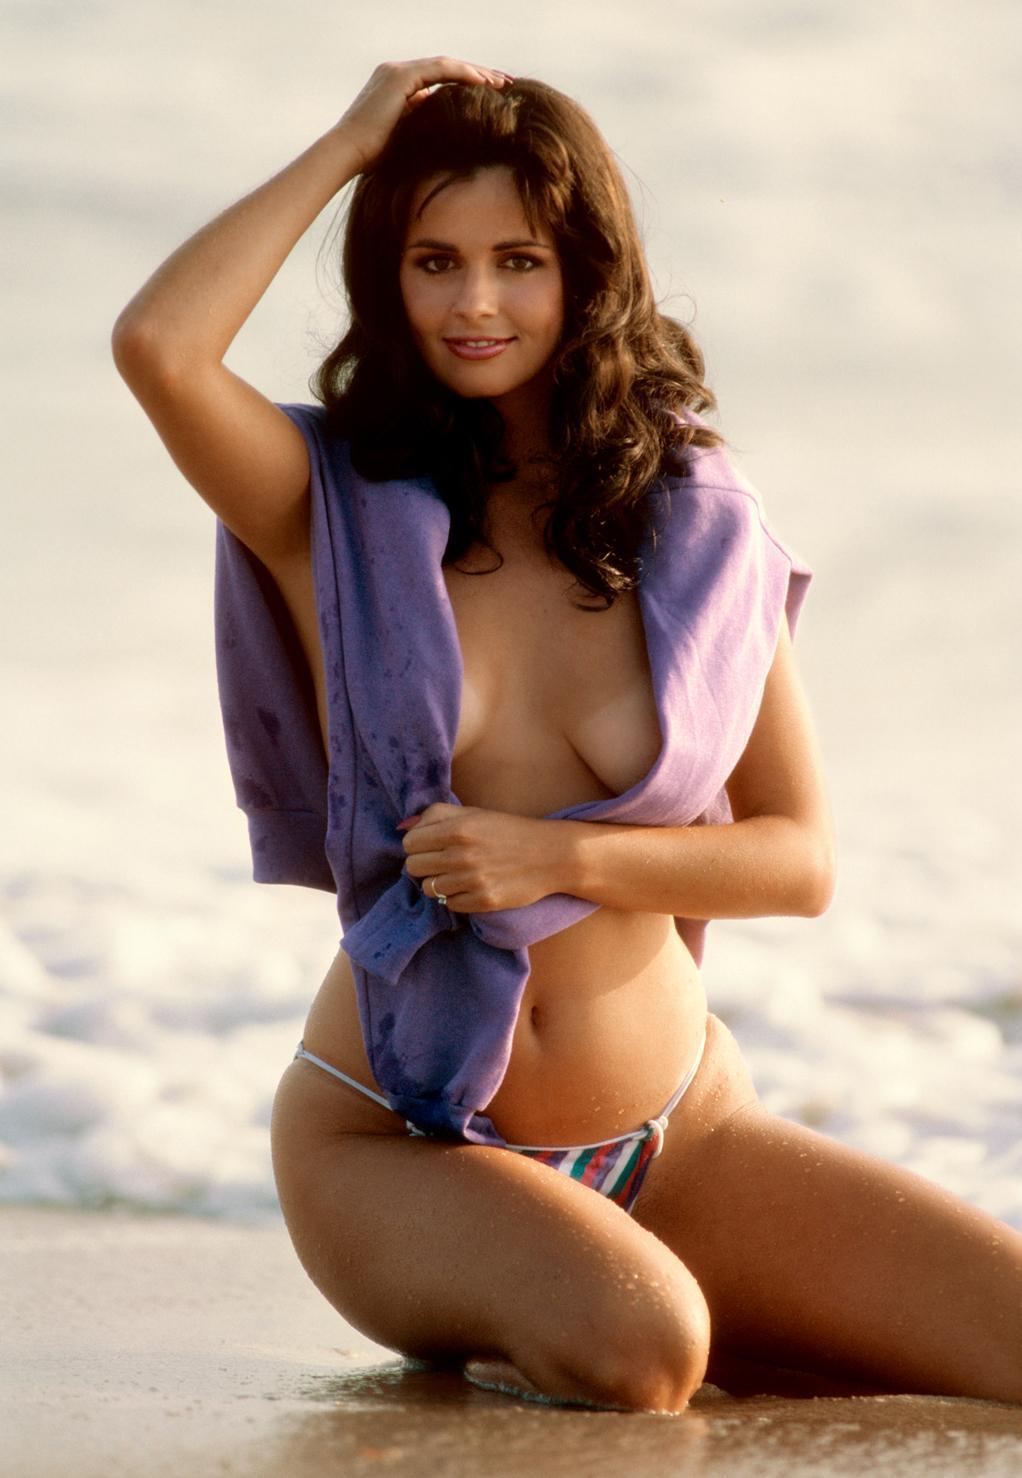 Bridgette Monet in a bikini